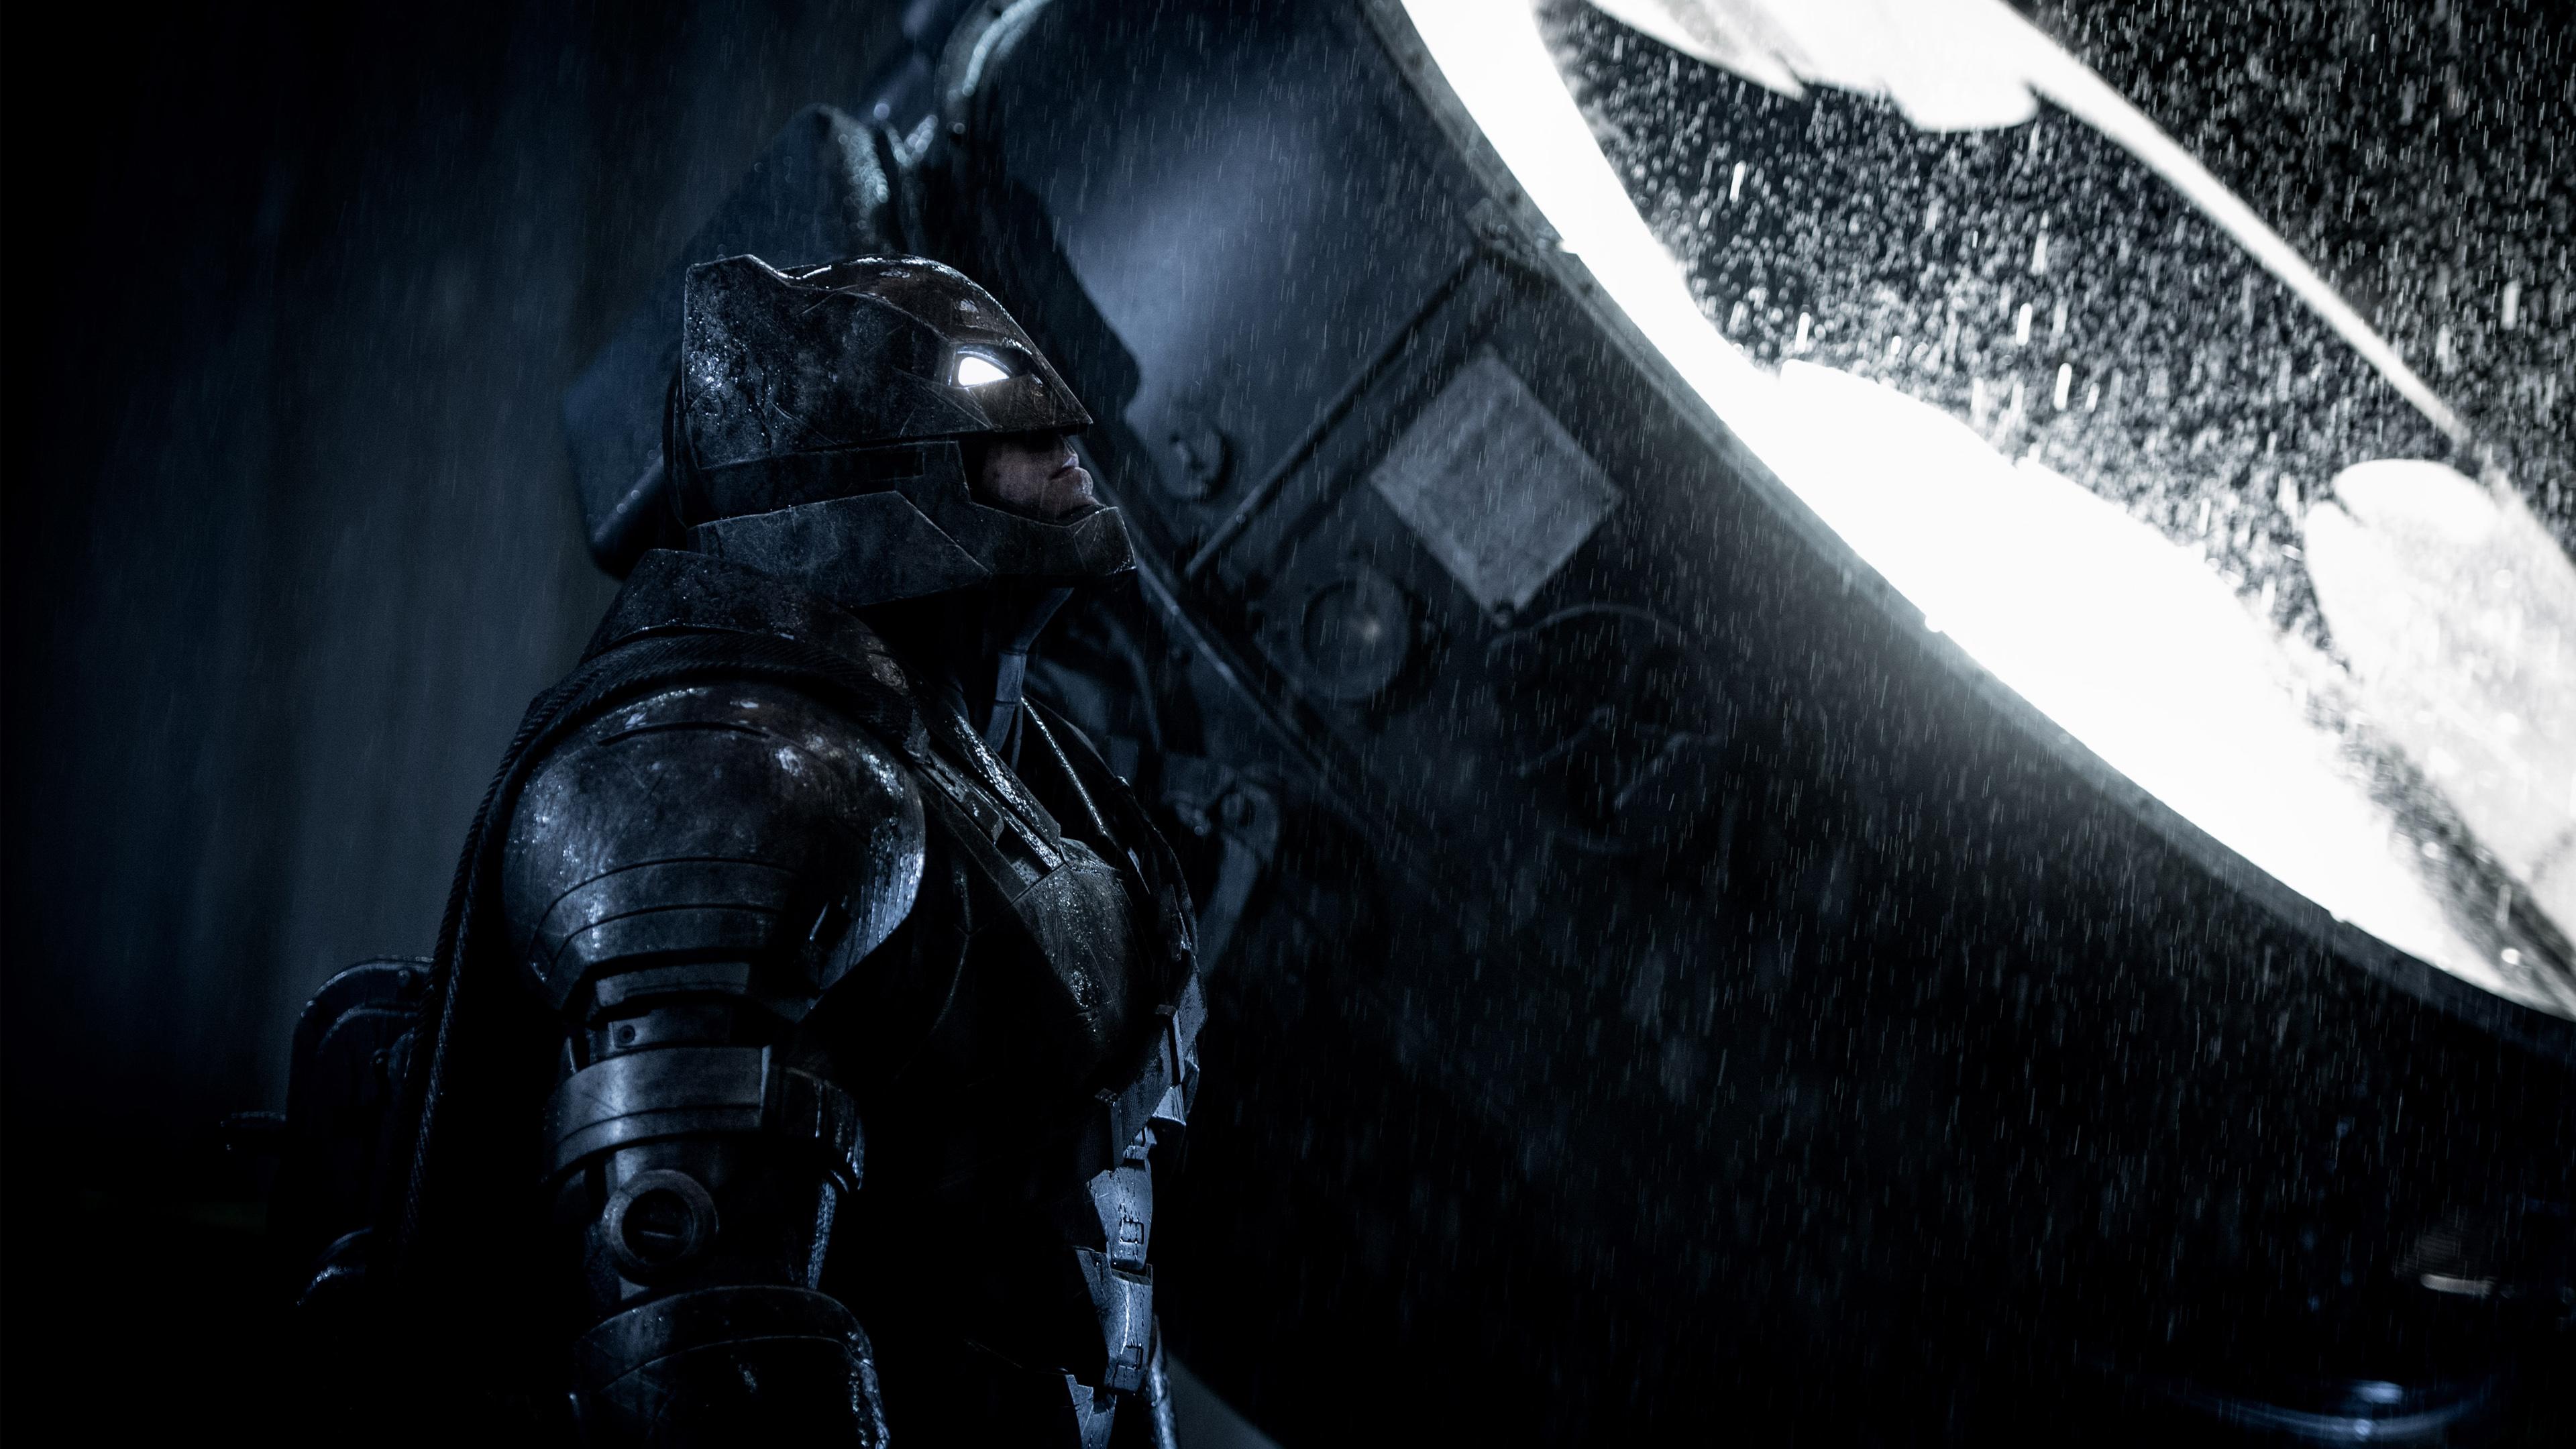 Бен Аффлек в роли Бэтмена. обои скачать